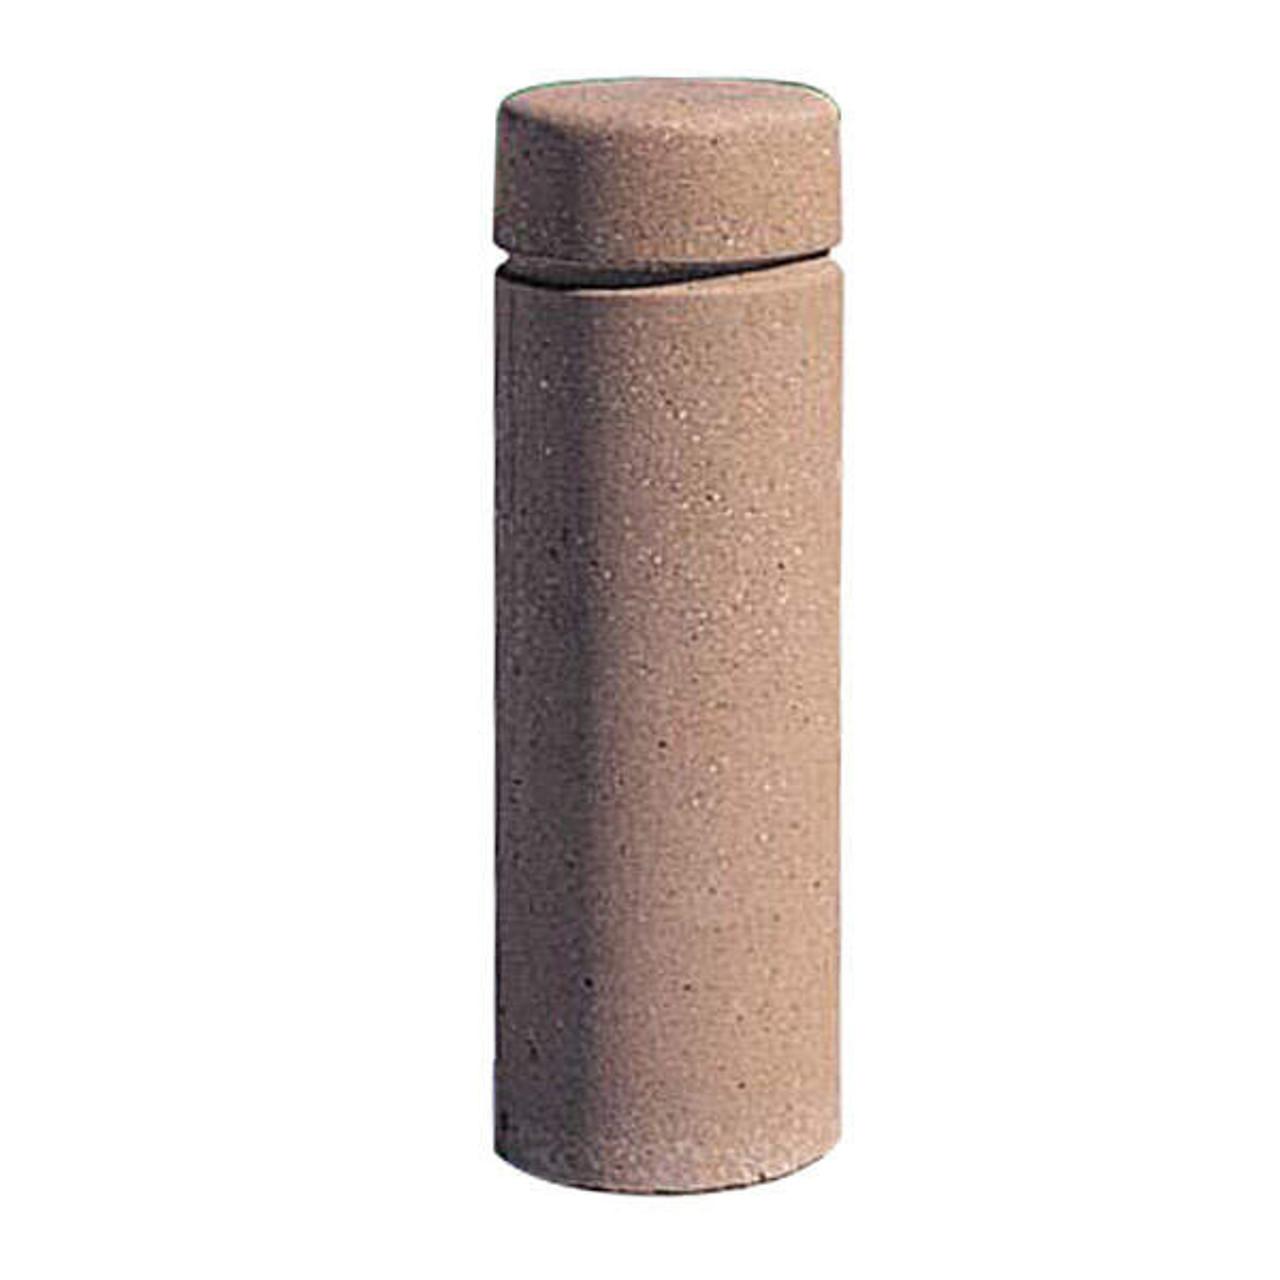 Concrete Bollard Safety Barrier 12 x 36 TF6020 Weatherstone Sand